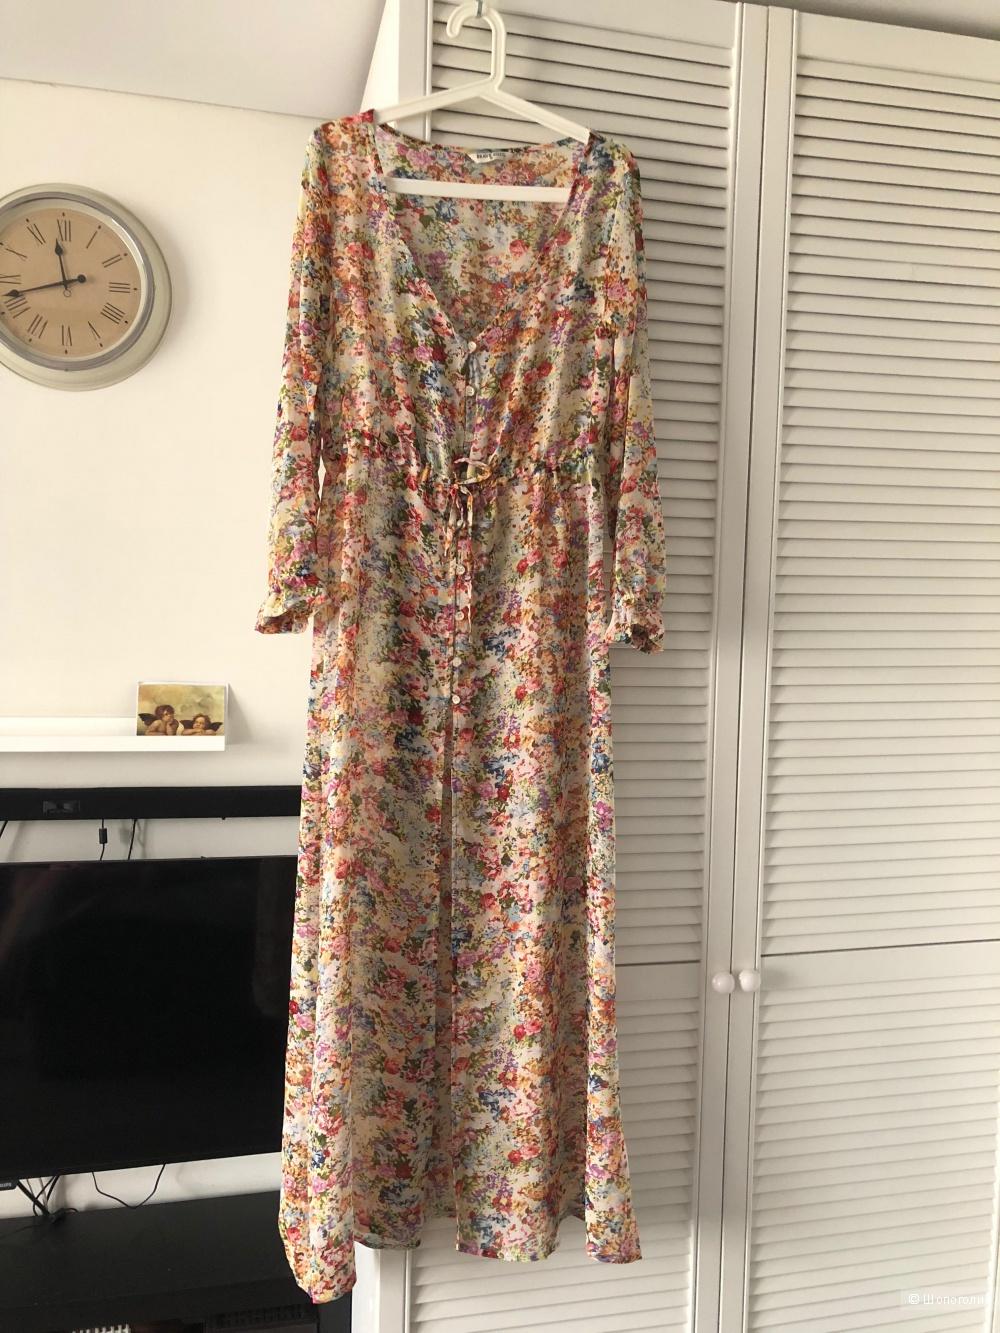 Шифоновое платье Brave Soul 2 в 1, размер М